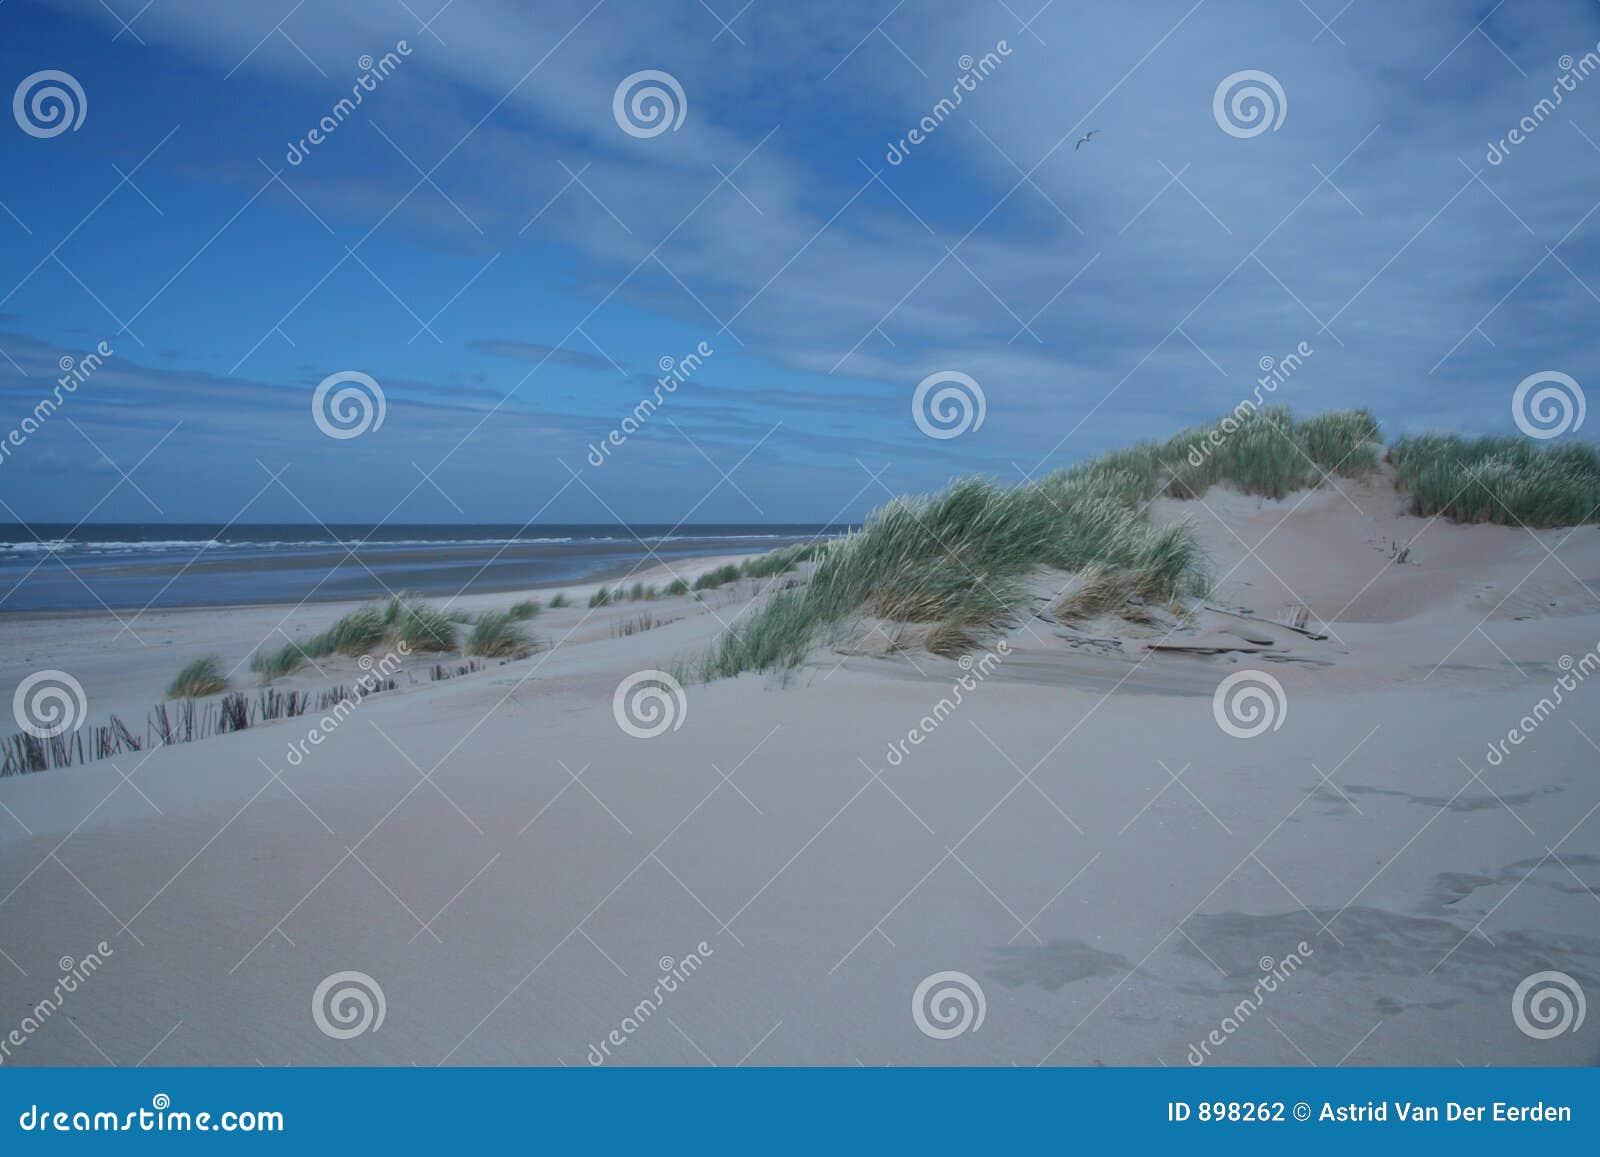 Dutch wydm krajobrazu